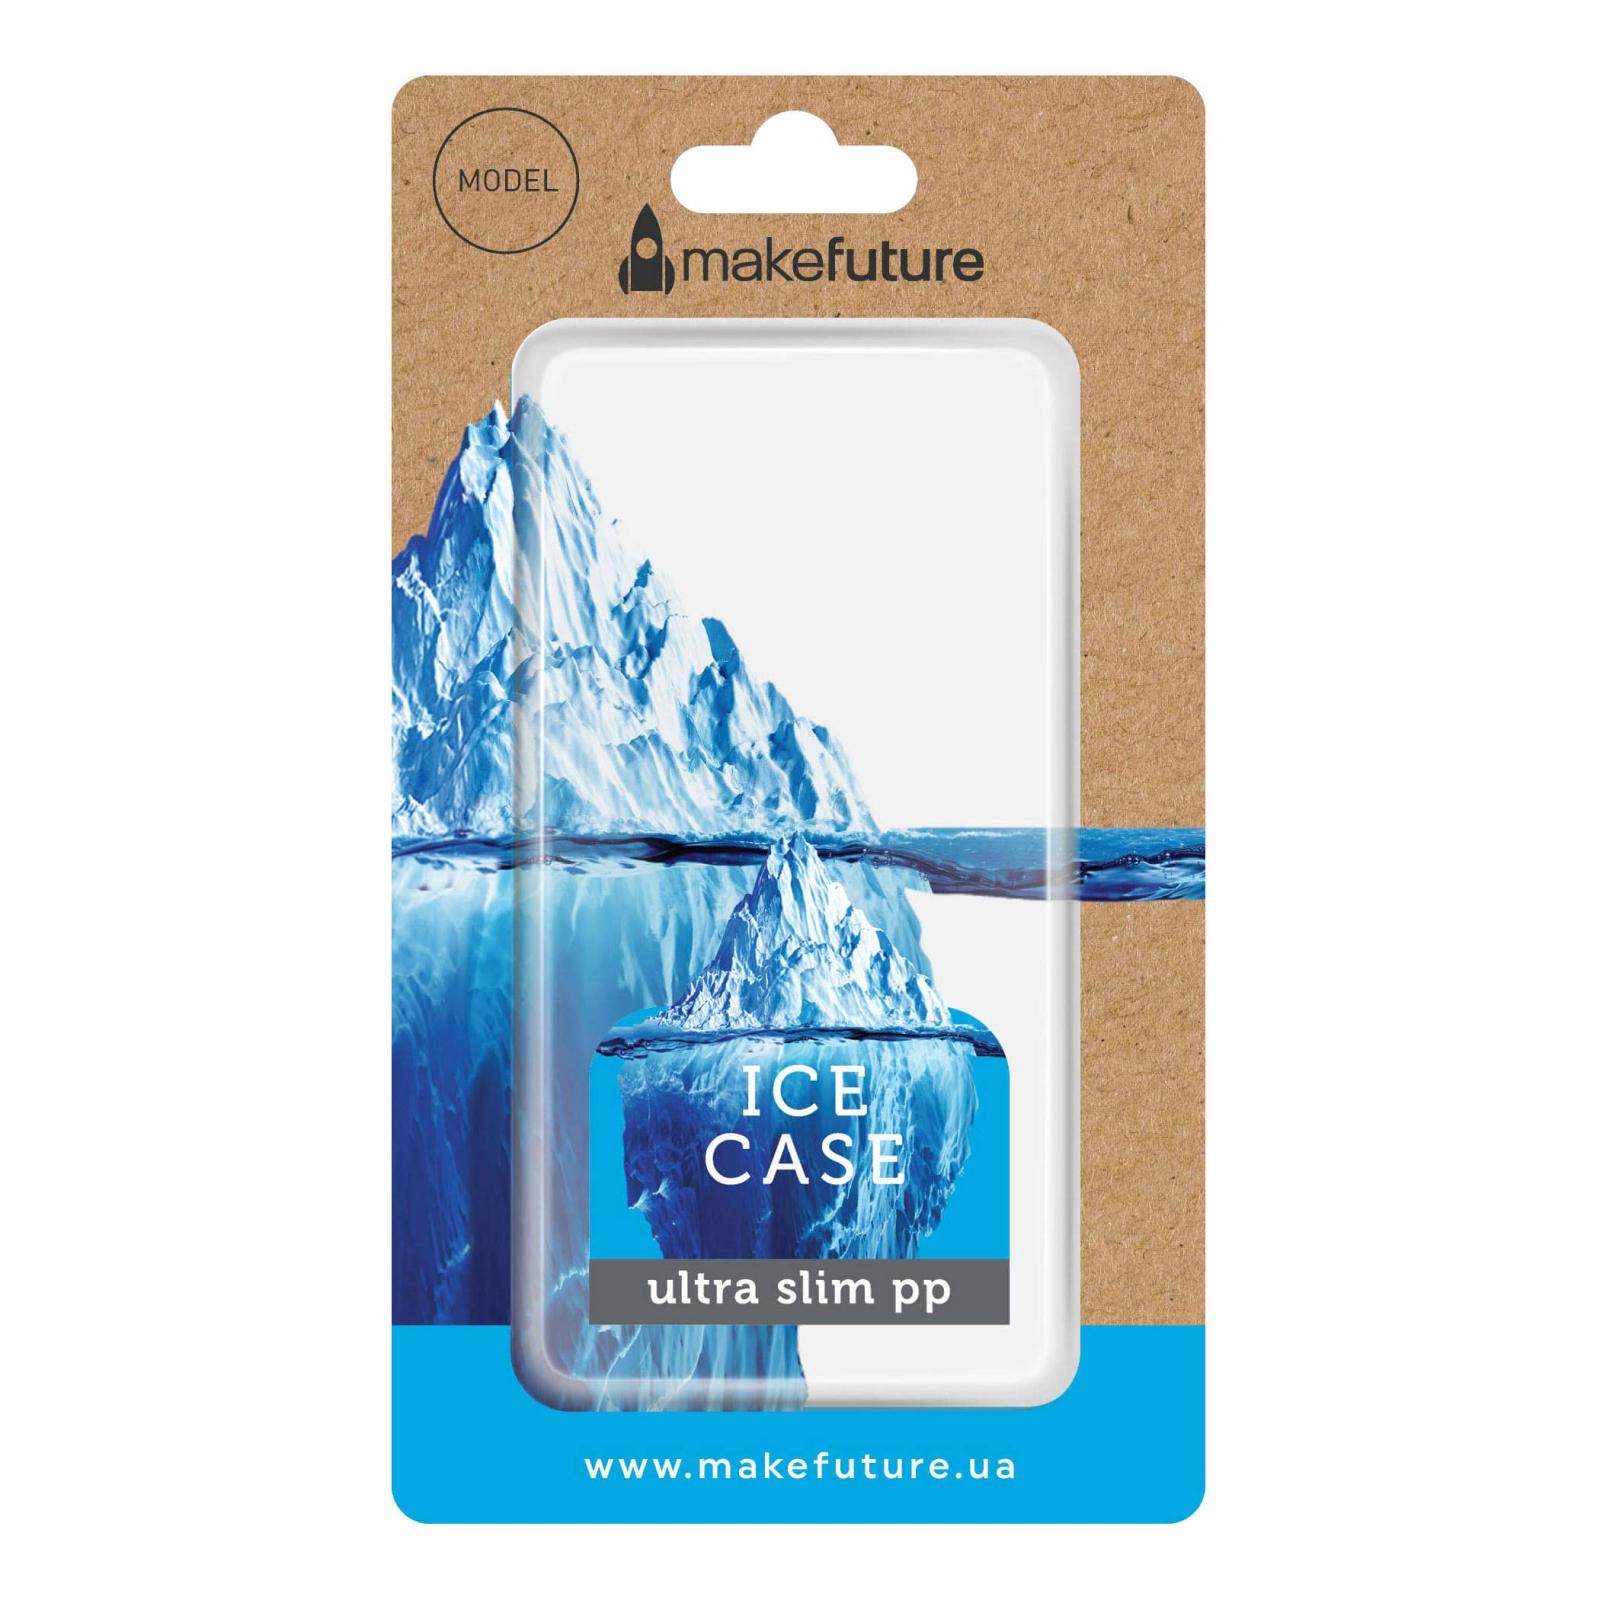 Чехол для моб. телефона MakeFuture Ice Case (PP) для Samsung S8 Blue (MCI-SS8BL) изображение 5